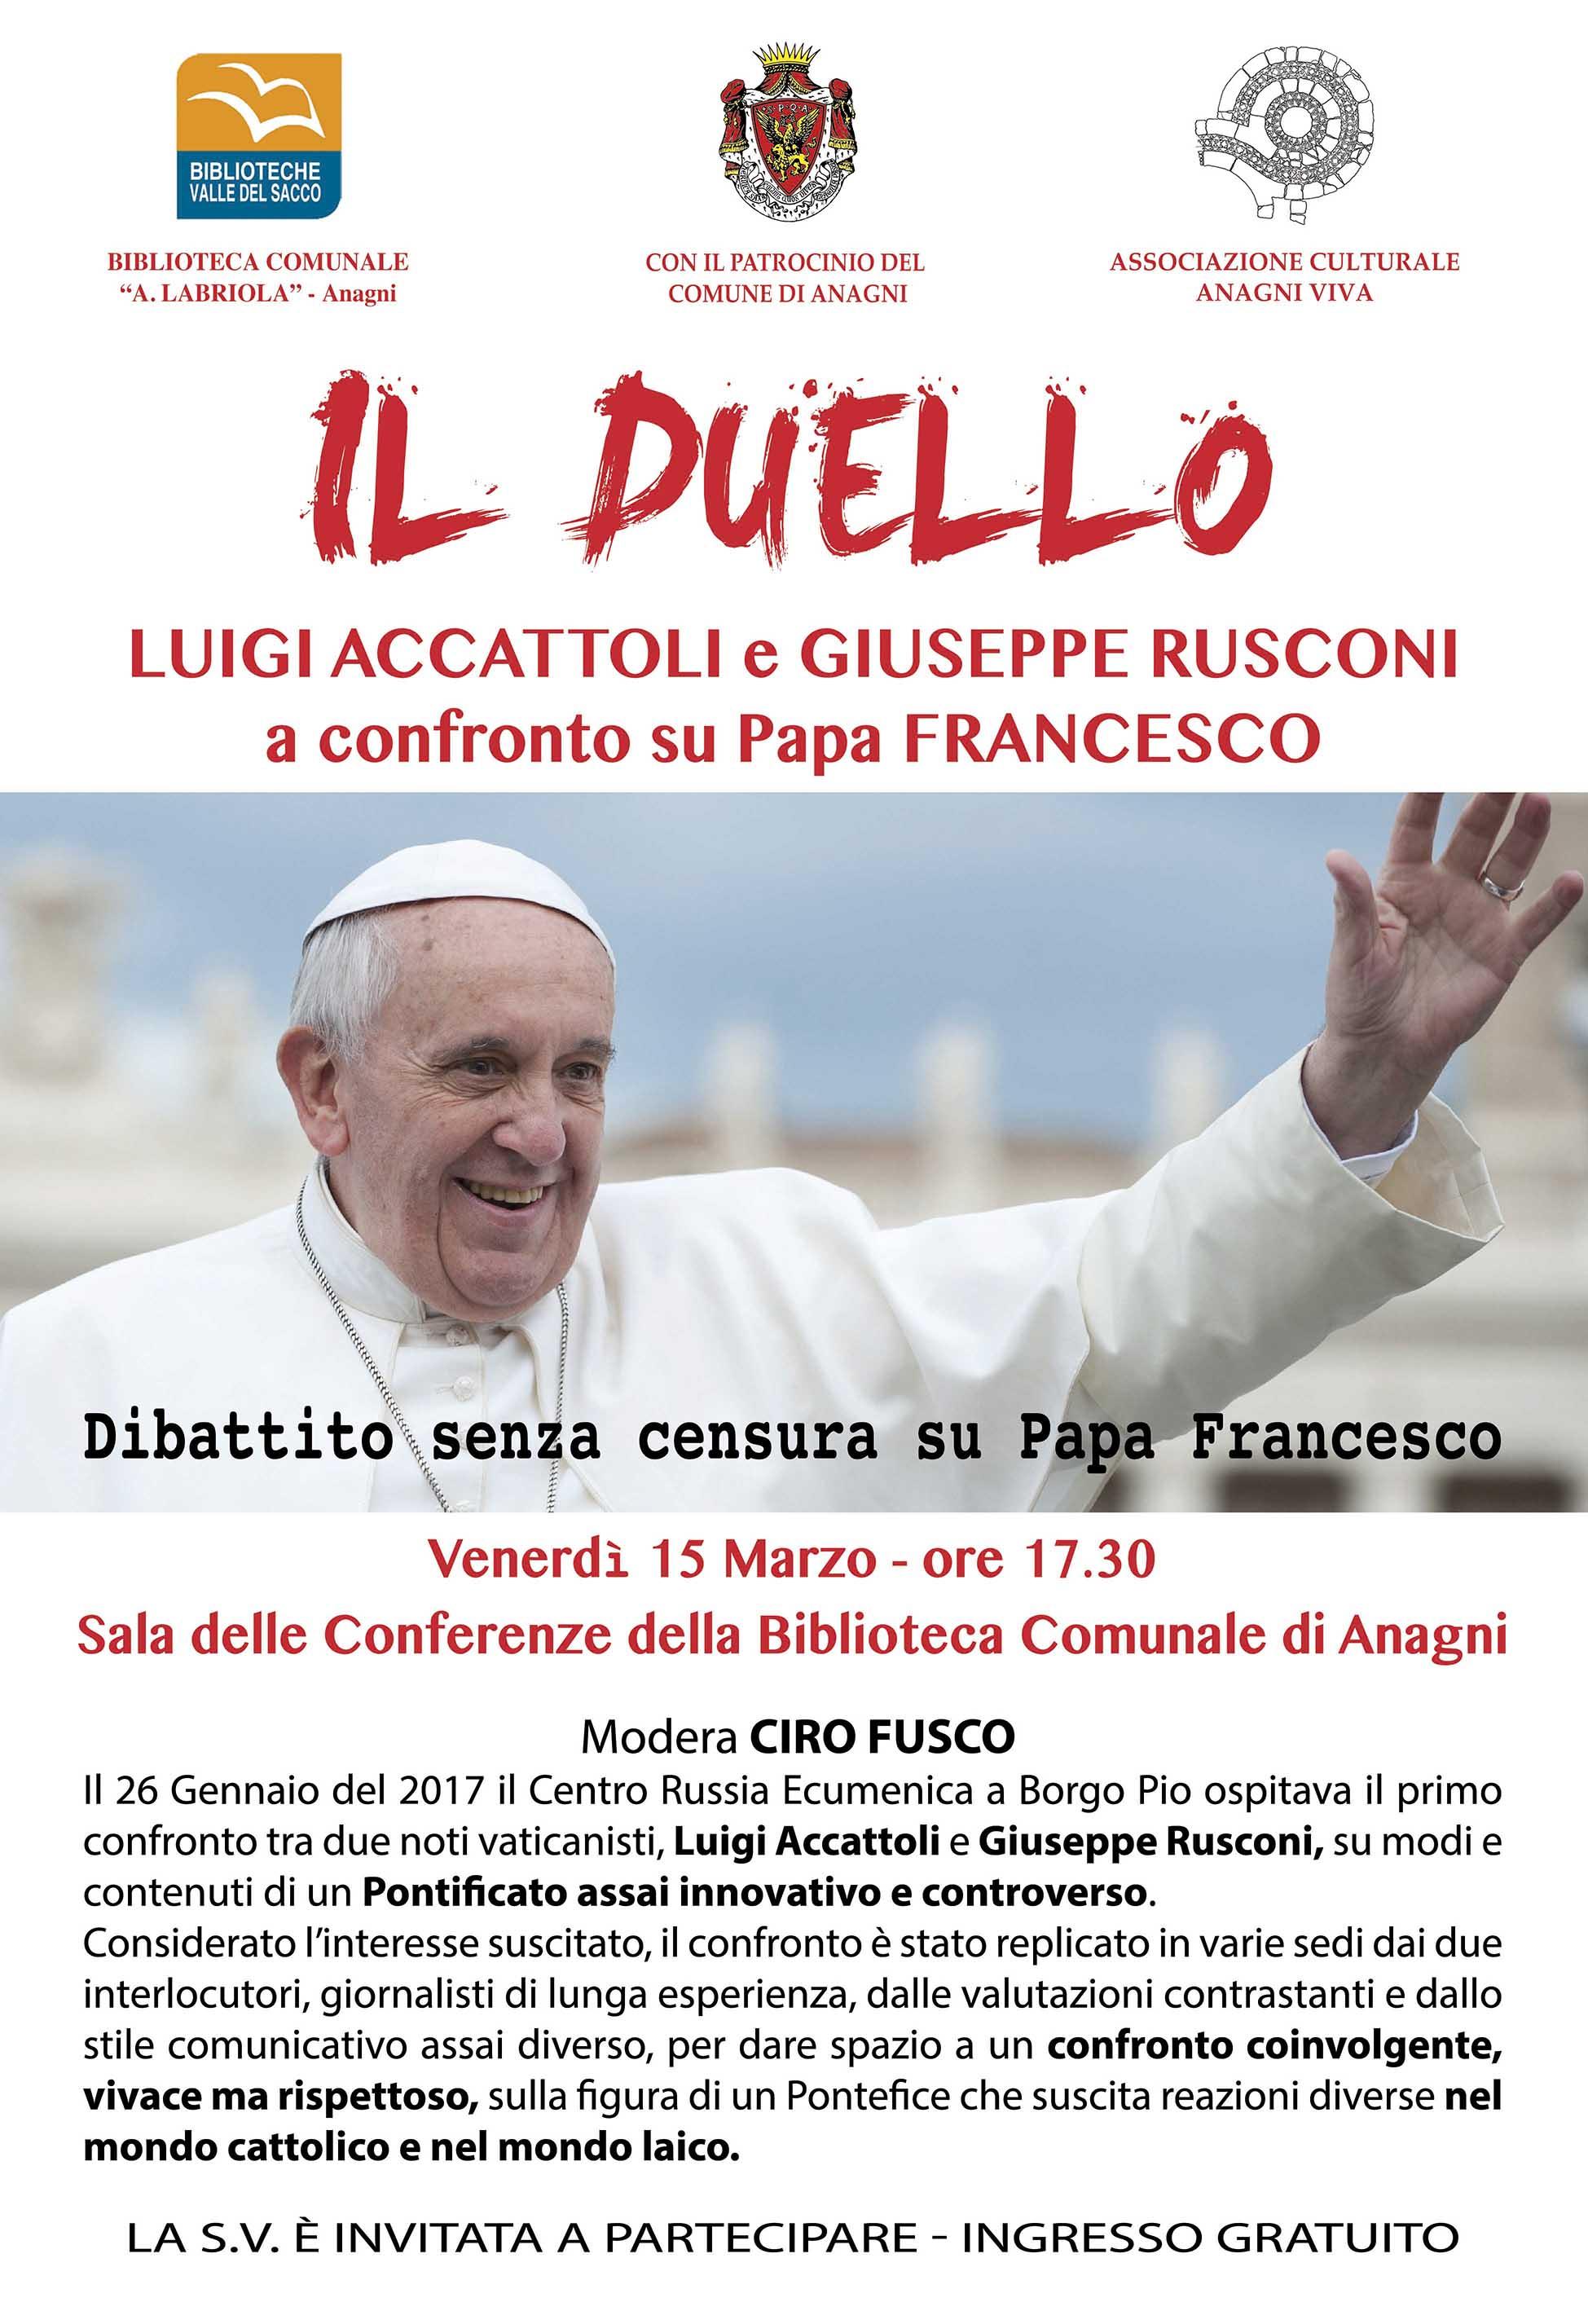 Dibattito su papa francesco